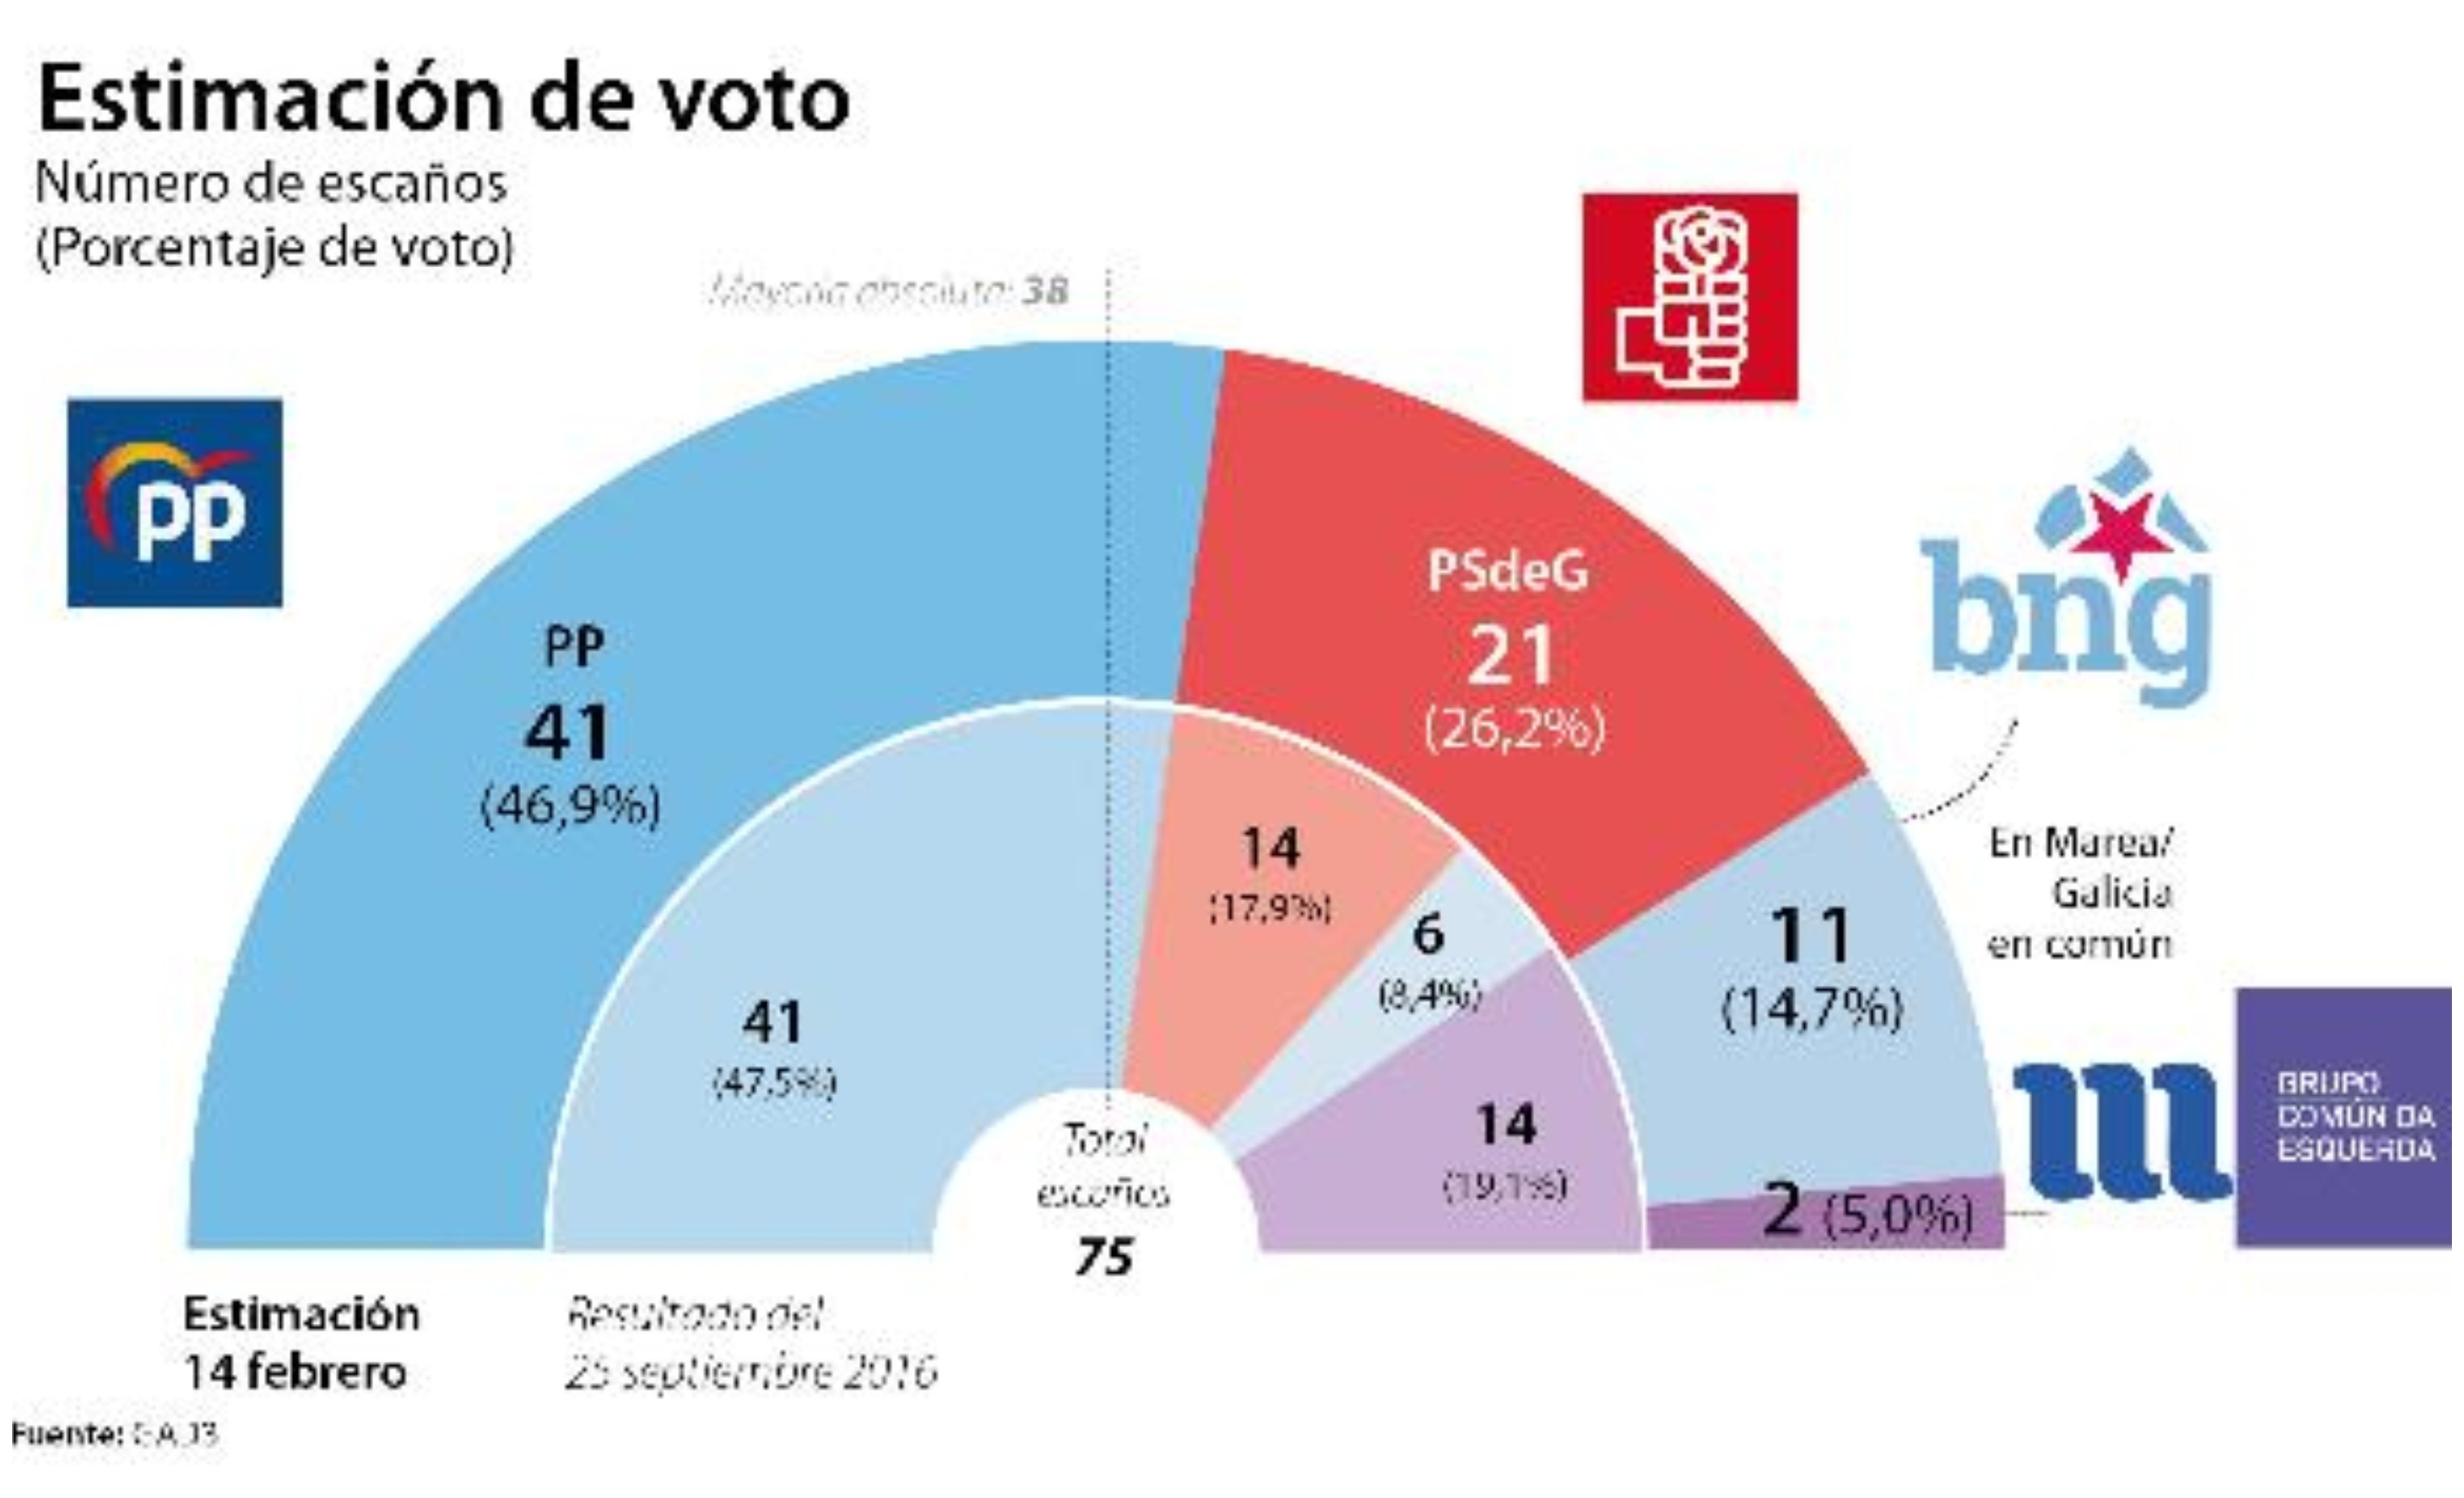 Encuesta 'ABC'. El PP arrasa en Galicia con mayoría absoluta y el PNV podrá permitirse elegir socio de Gobierno en el País Vasco